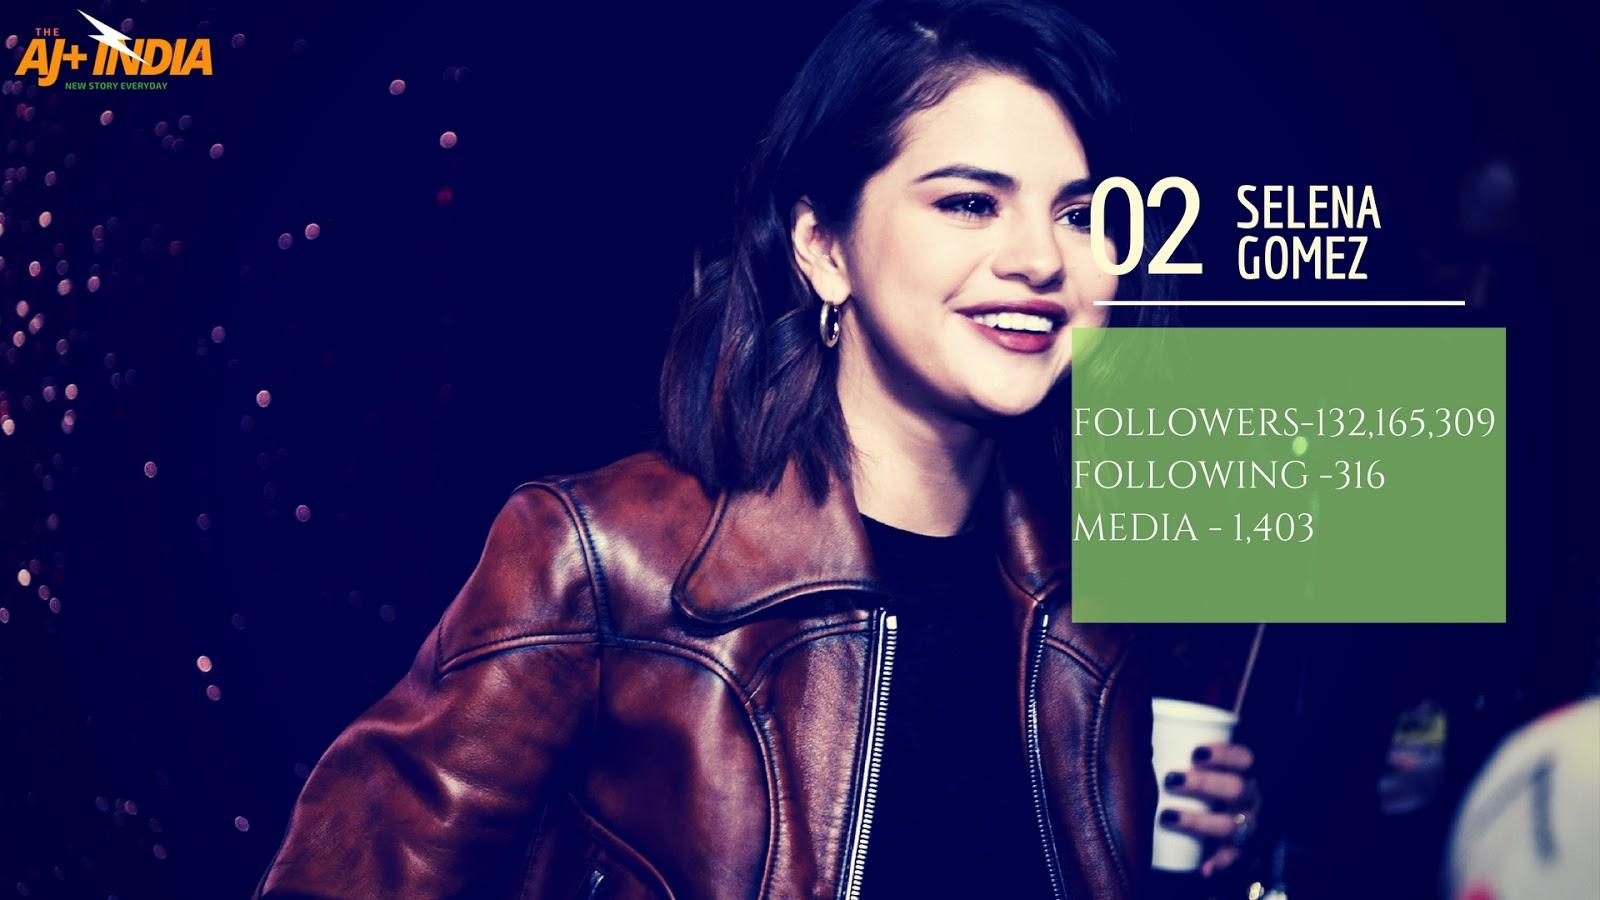 SelenaGomez .jpg